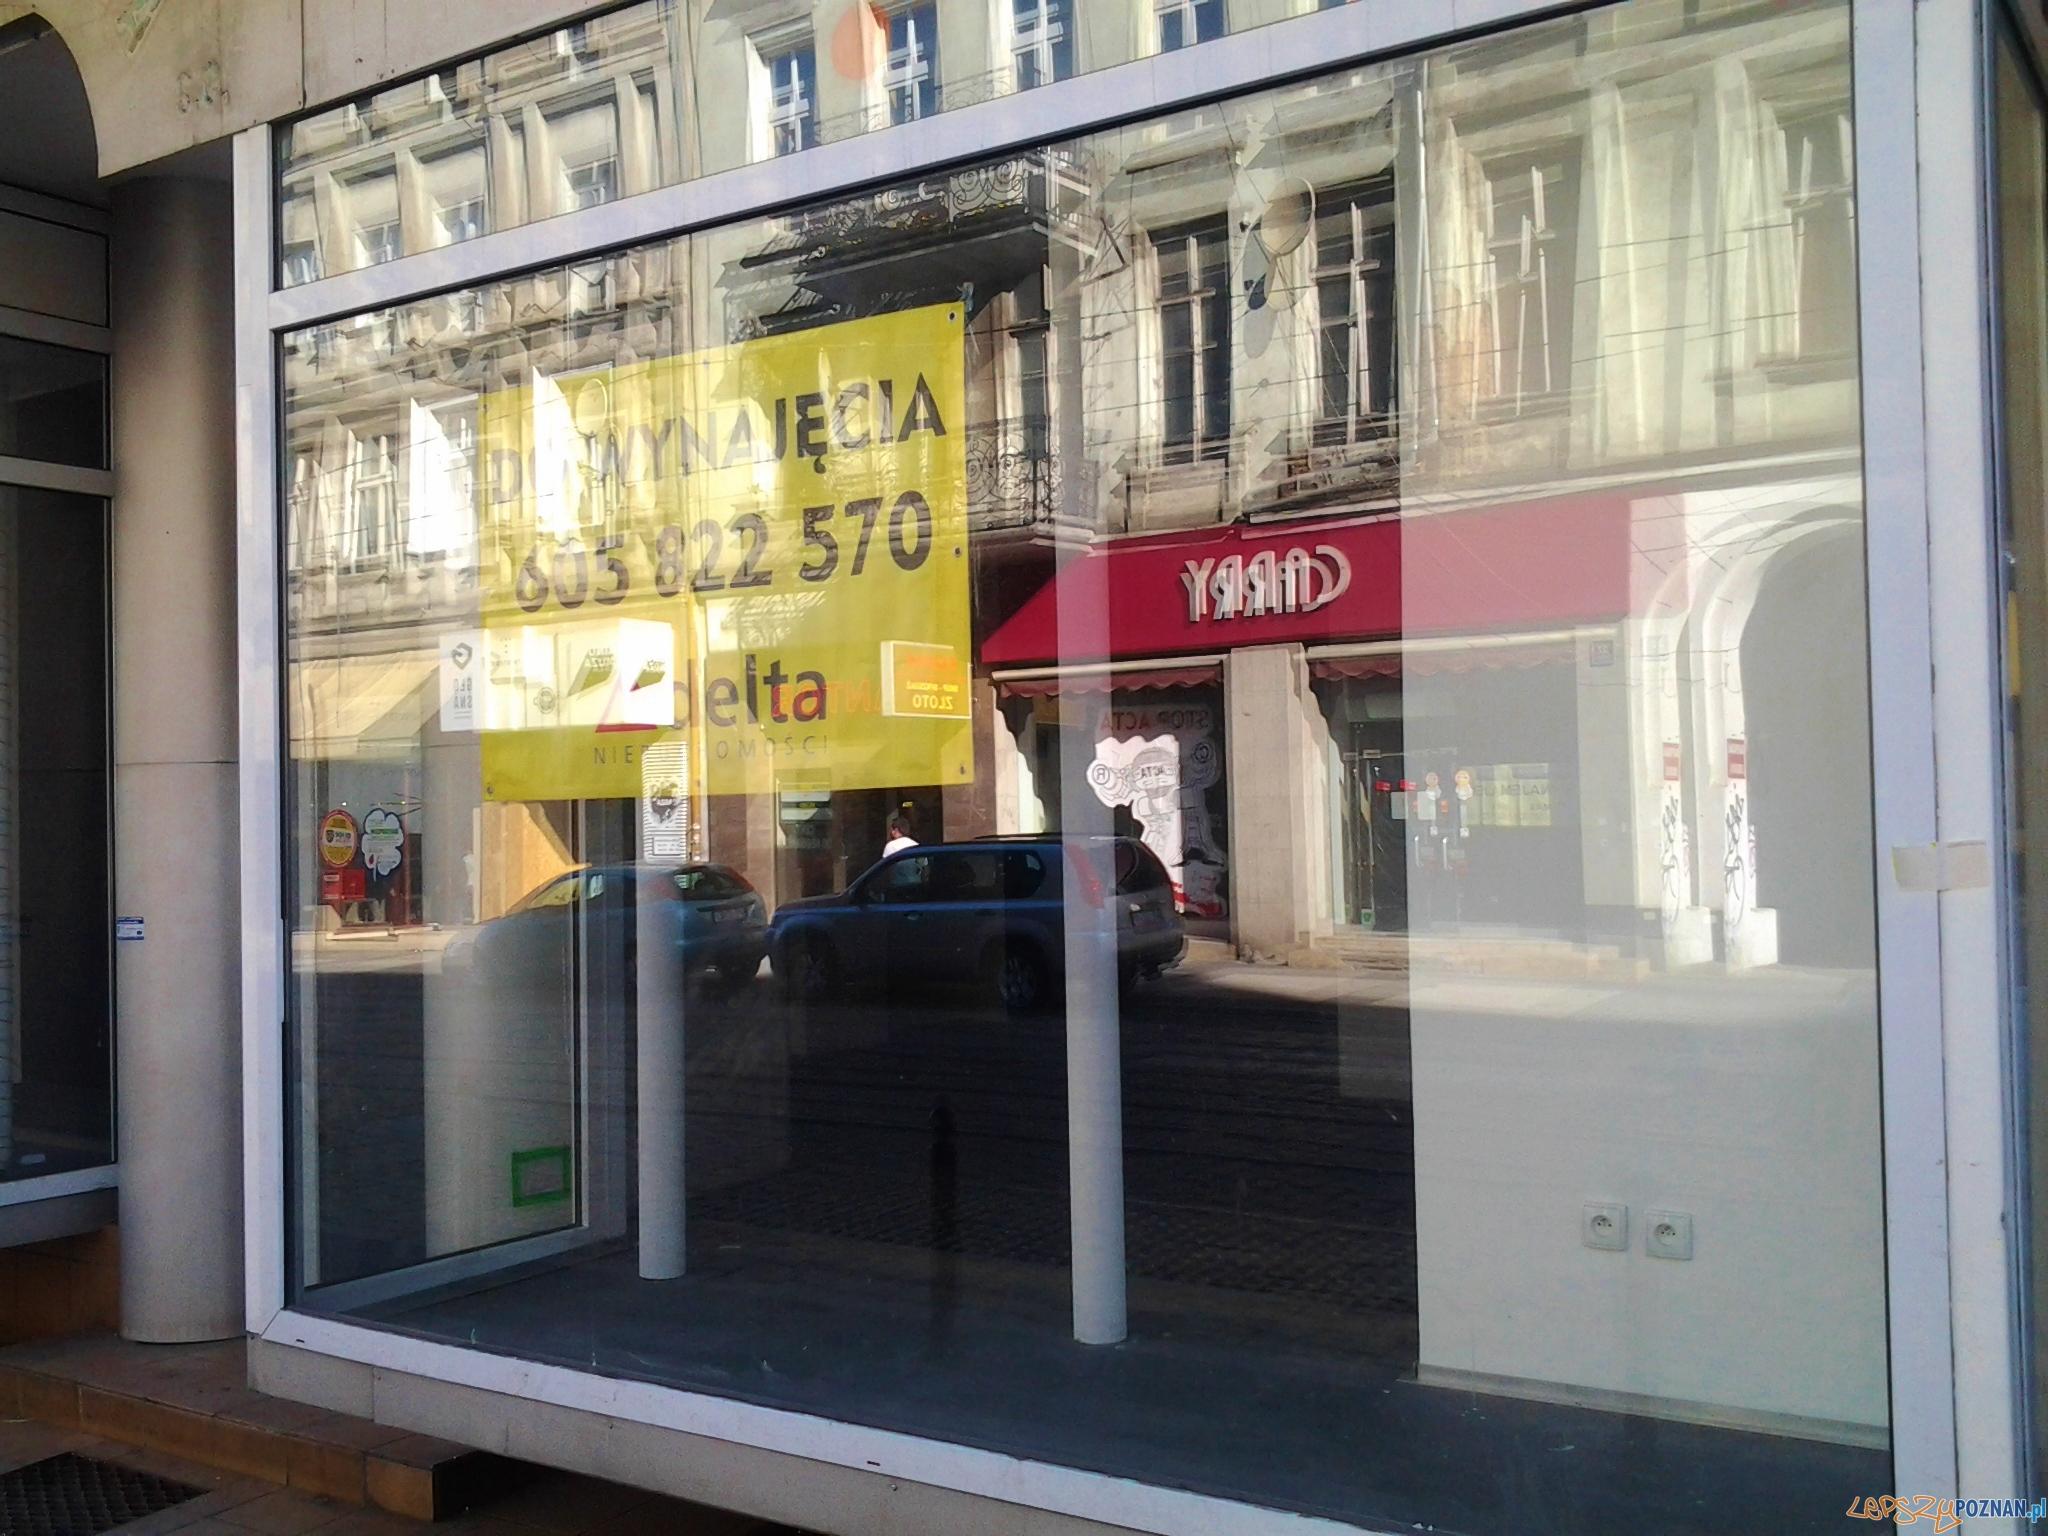 Zamknięte sklepy na Świętym Marcinie  Foto: lepszyPOZNAN.pl / tab